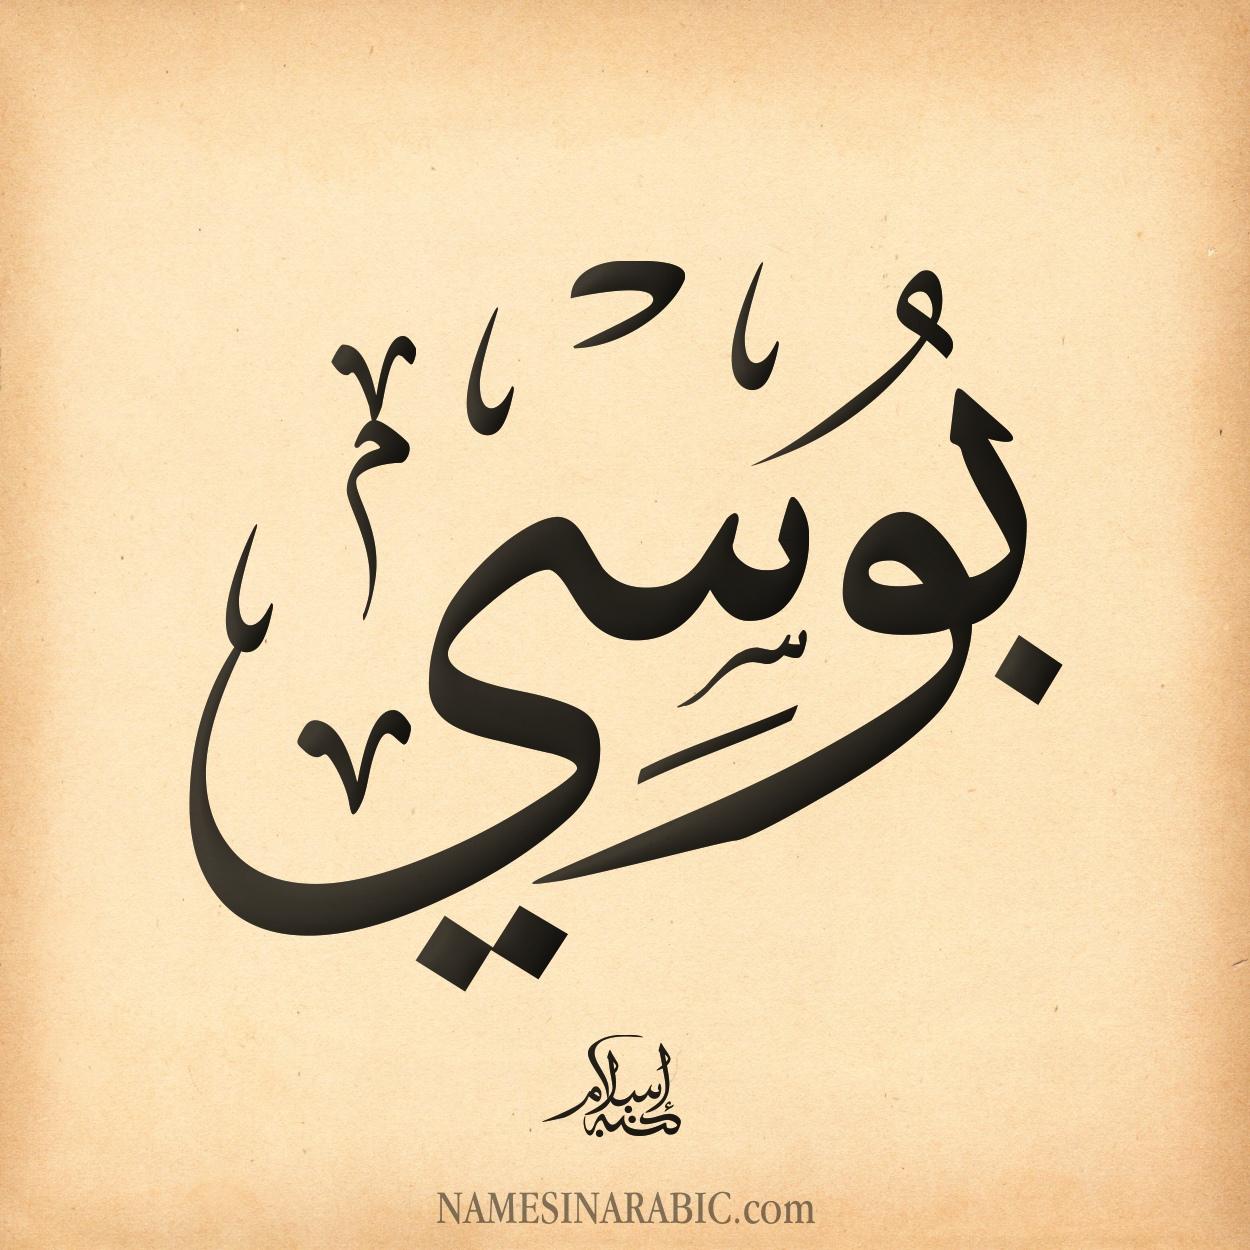 صورة اسم بُوسي BOOSI اسم بُوسي بالخط العربي من موقع الأسماء بالخط العربي بريشة الفنان إسلام ابن الفضل